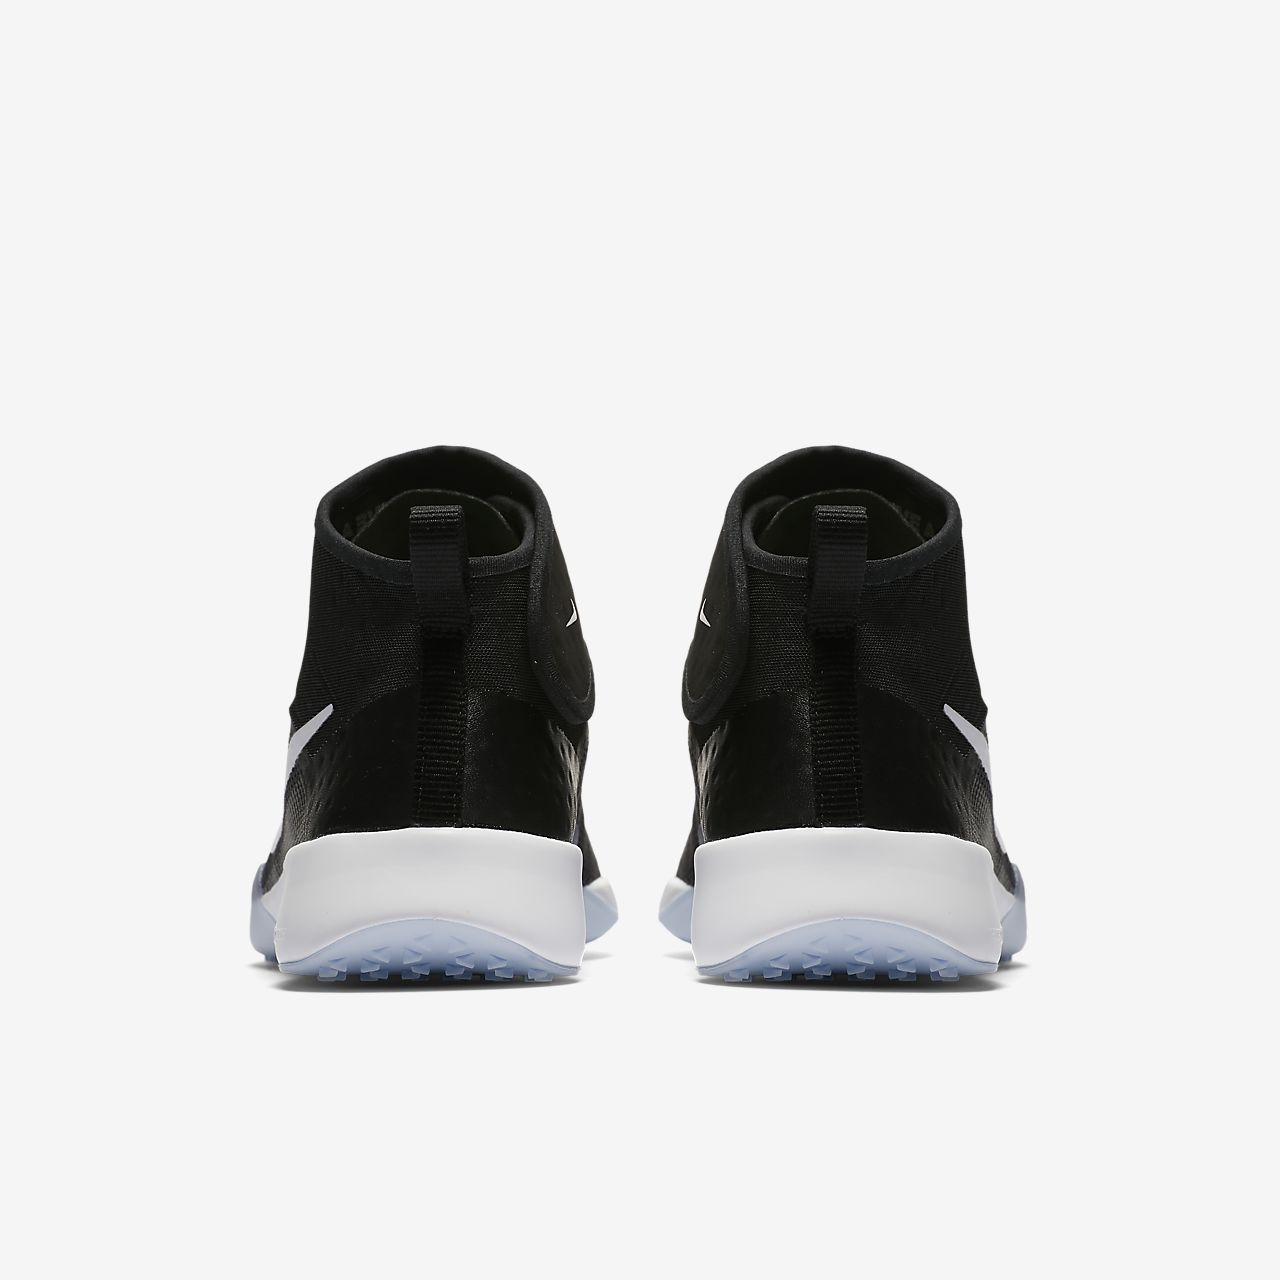 plus récent 2fd24 67e1c Chaussure d'entraînement et de bootcamp Nike Air Zoom Strong 2 pour Femme